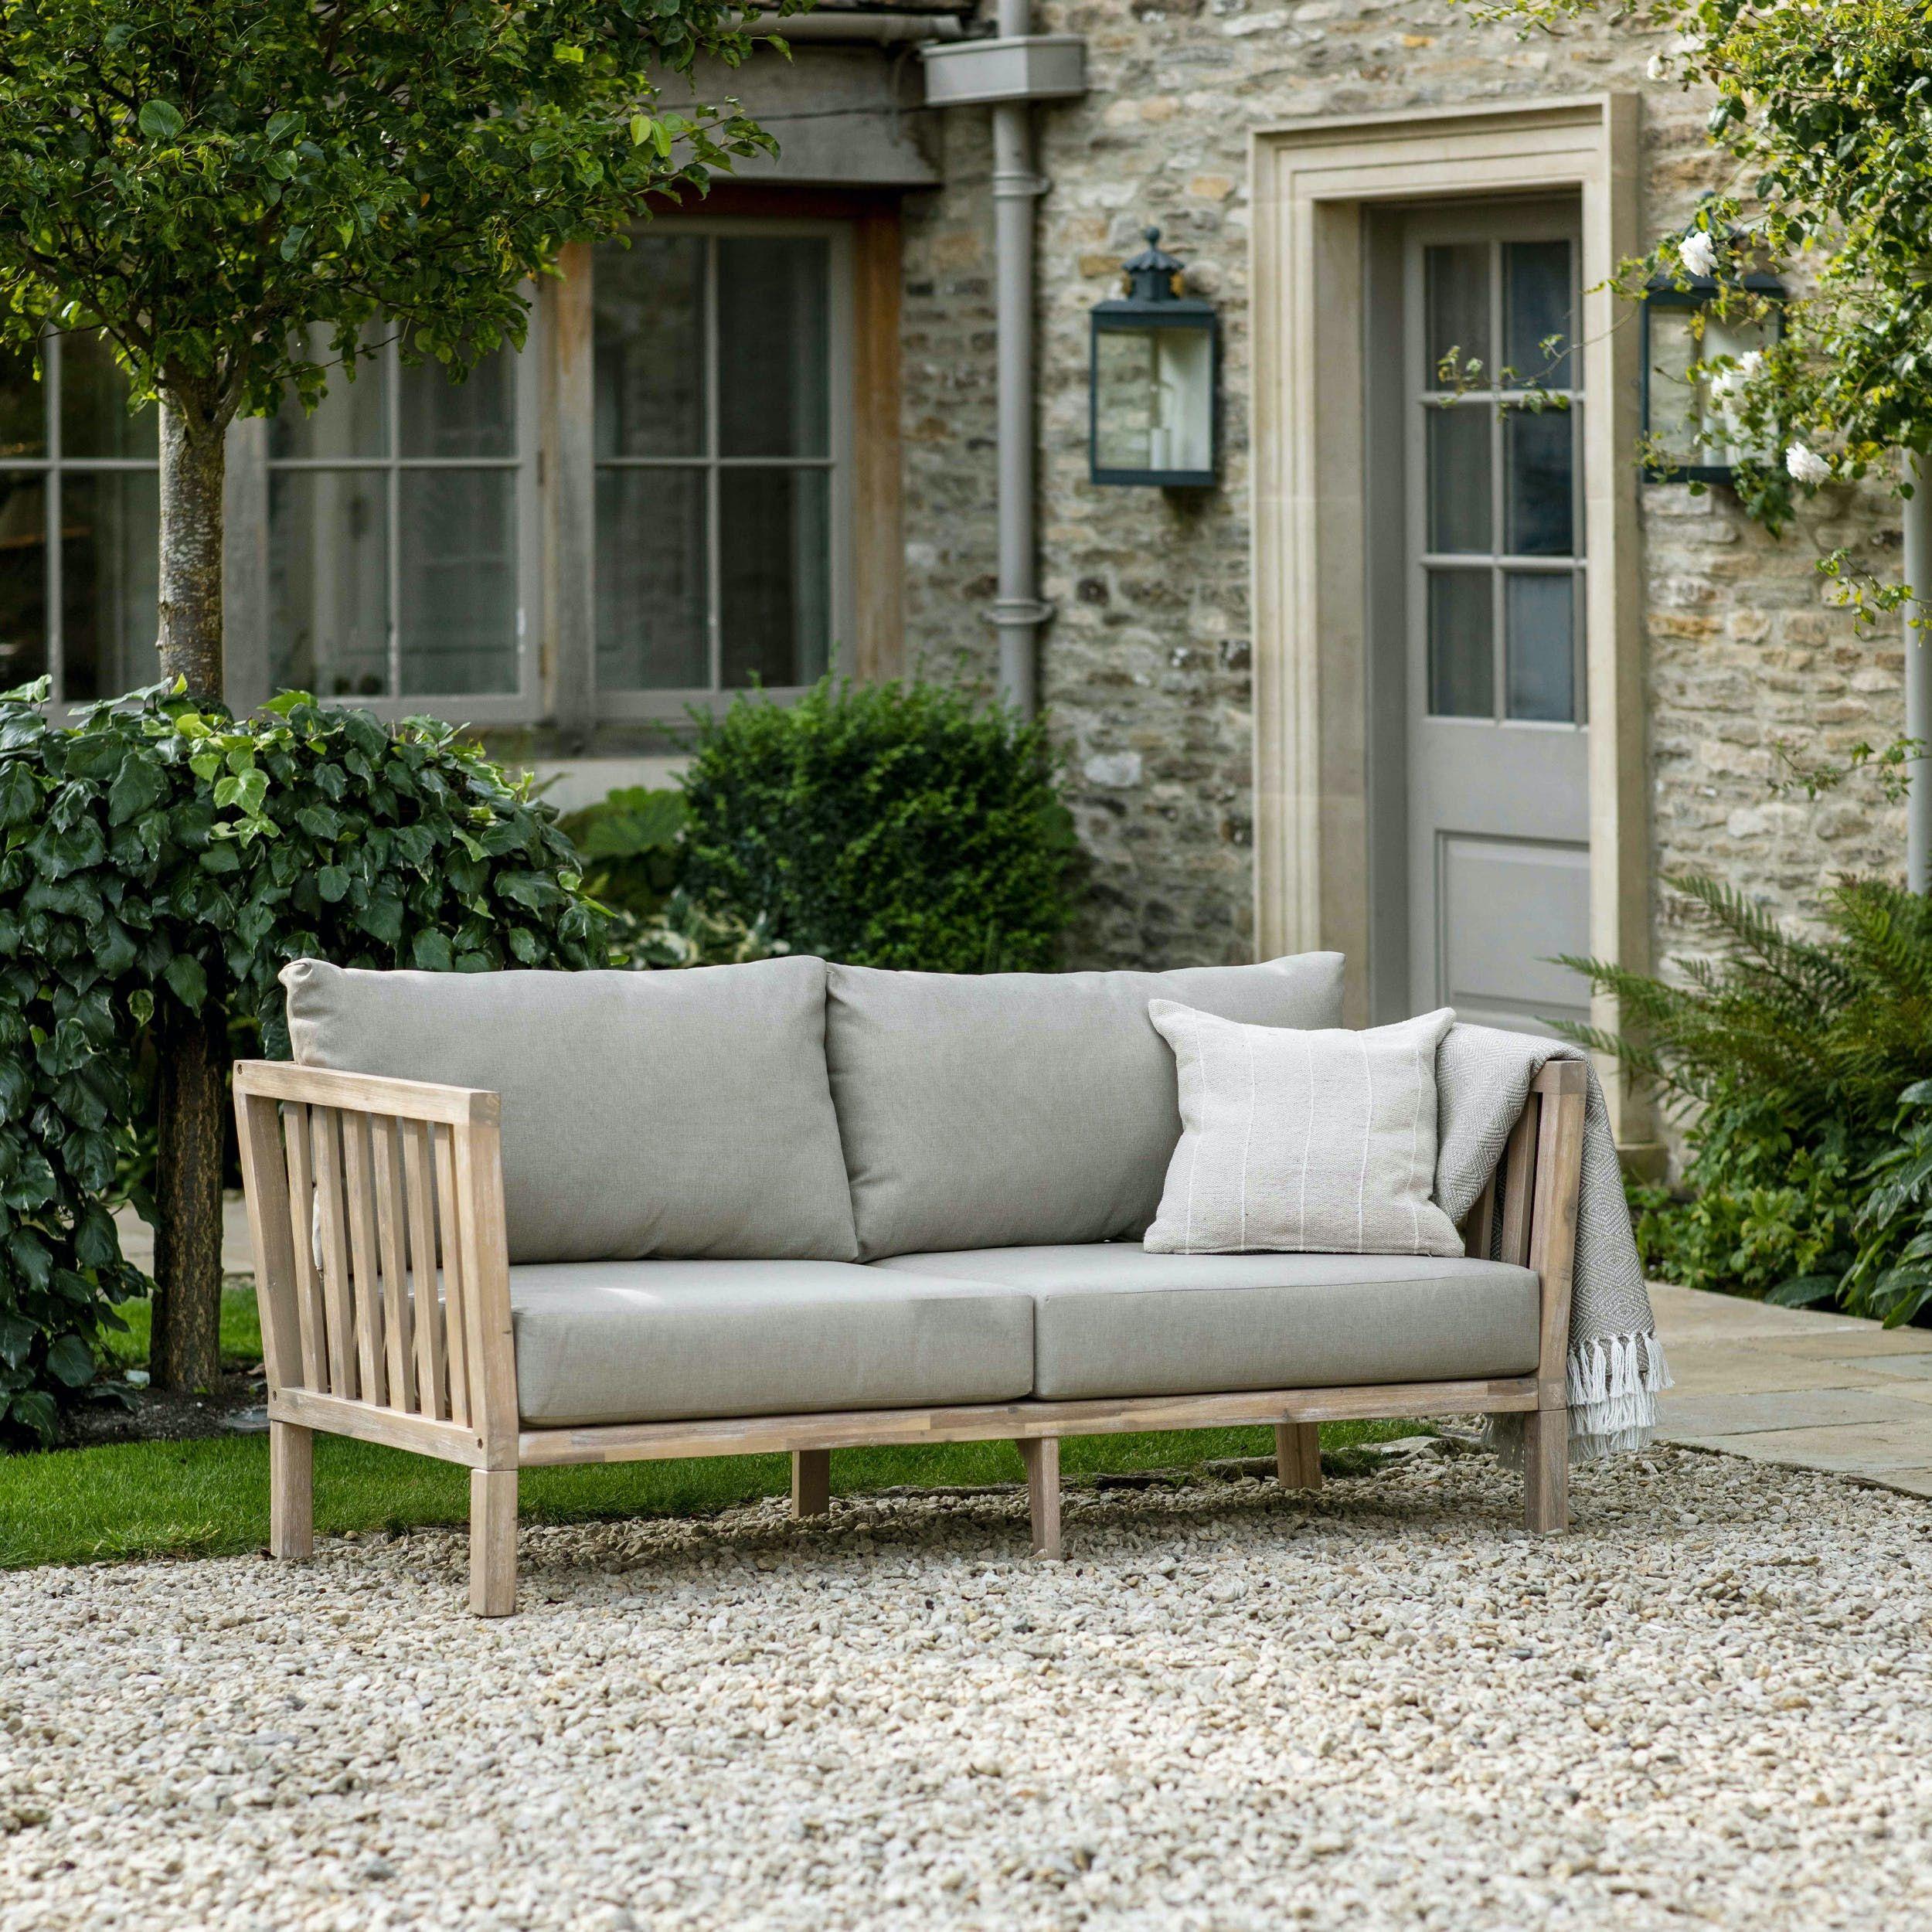 Porthallow 8 Seater Sofa in 8080  Outdoor sofa, Garden sofa